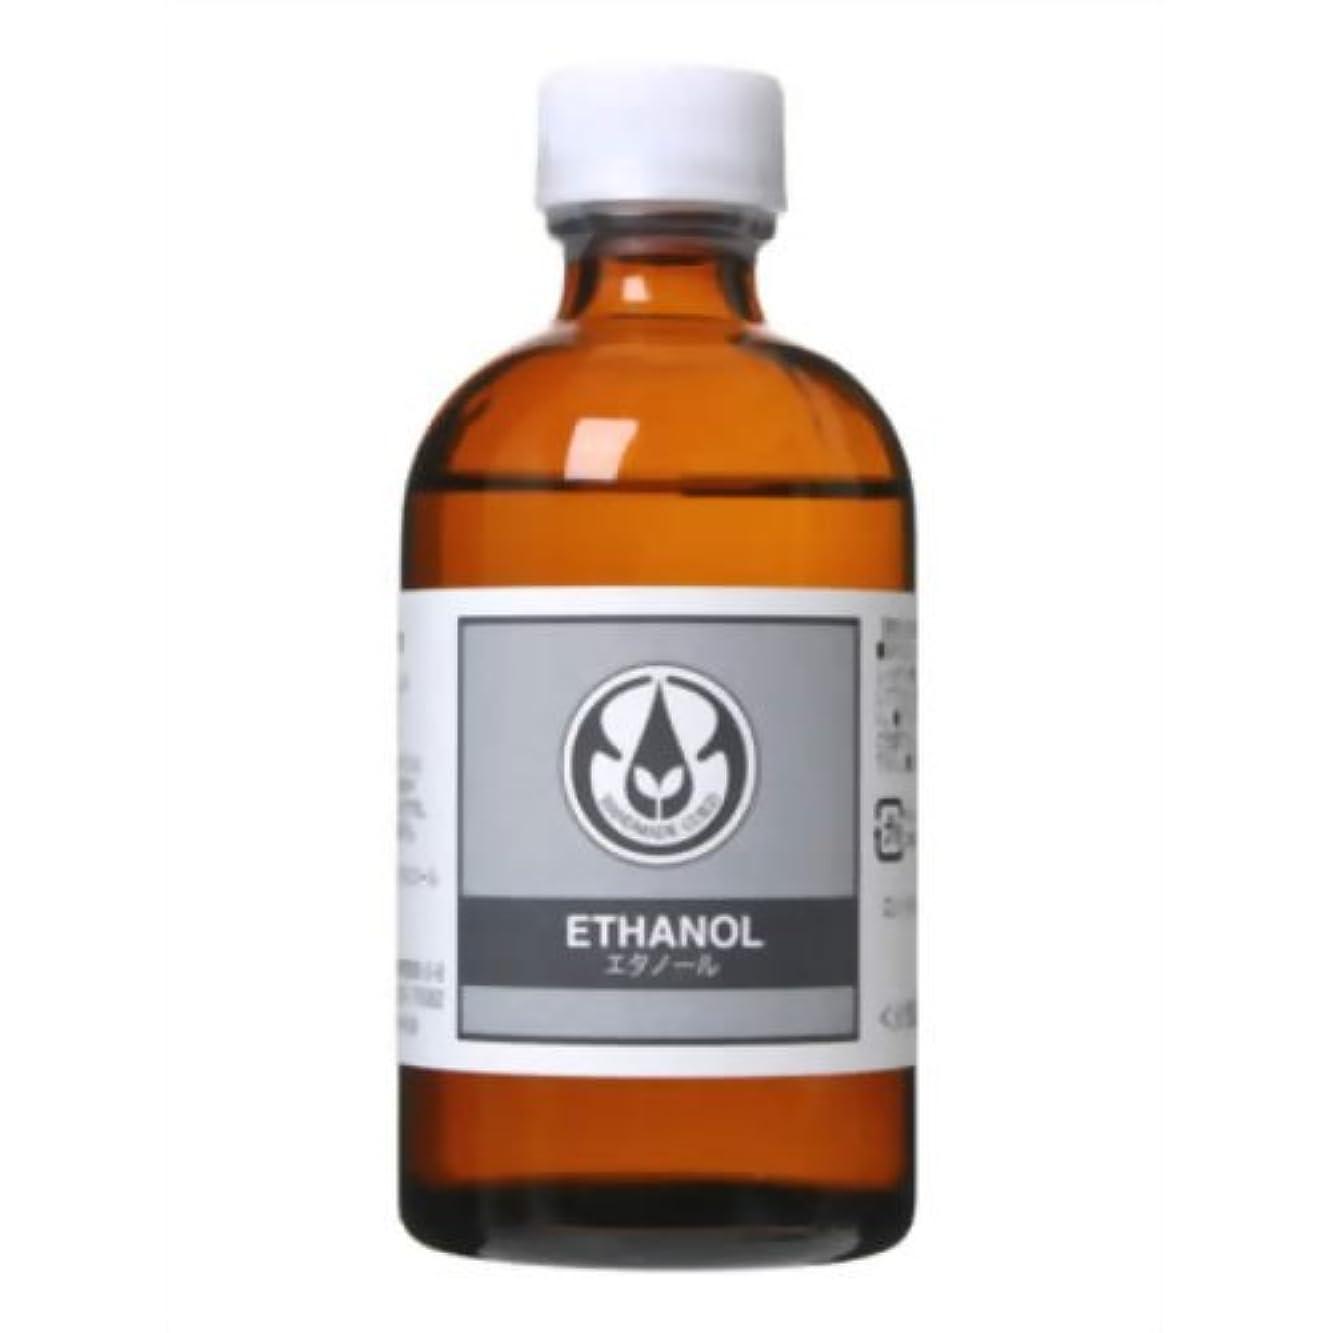 俳優酸素コンソール生活の木 エタノール 100ml